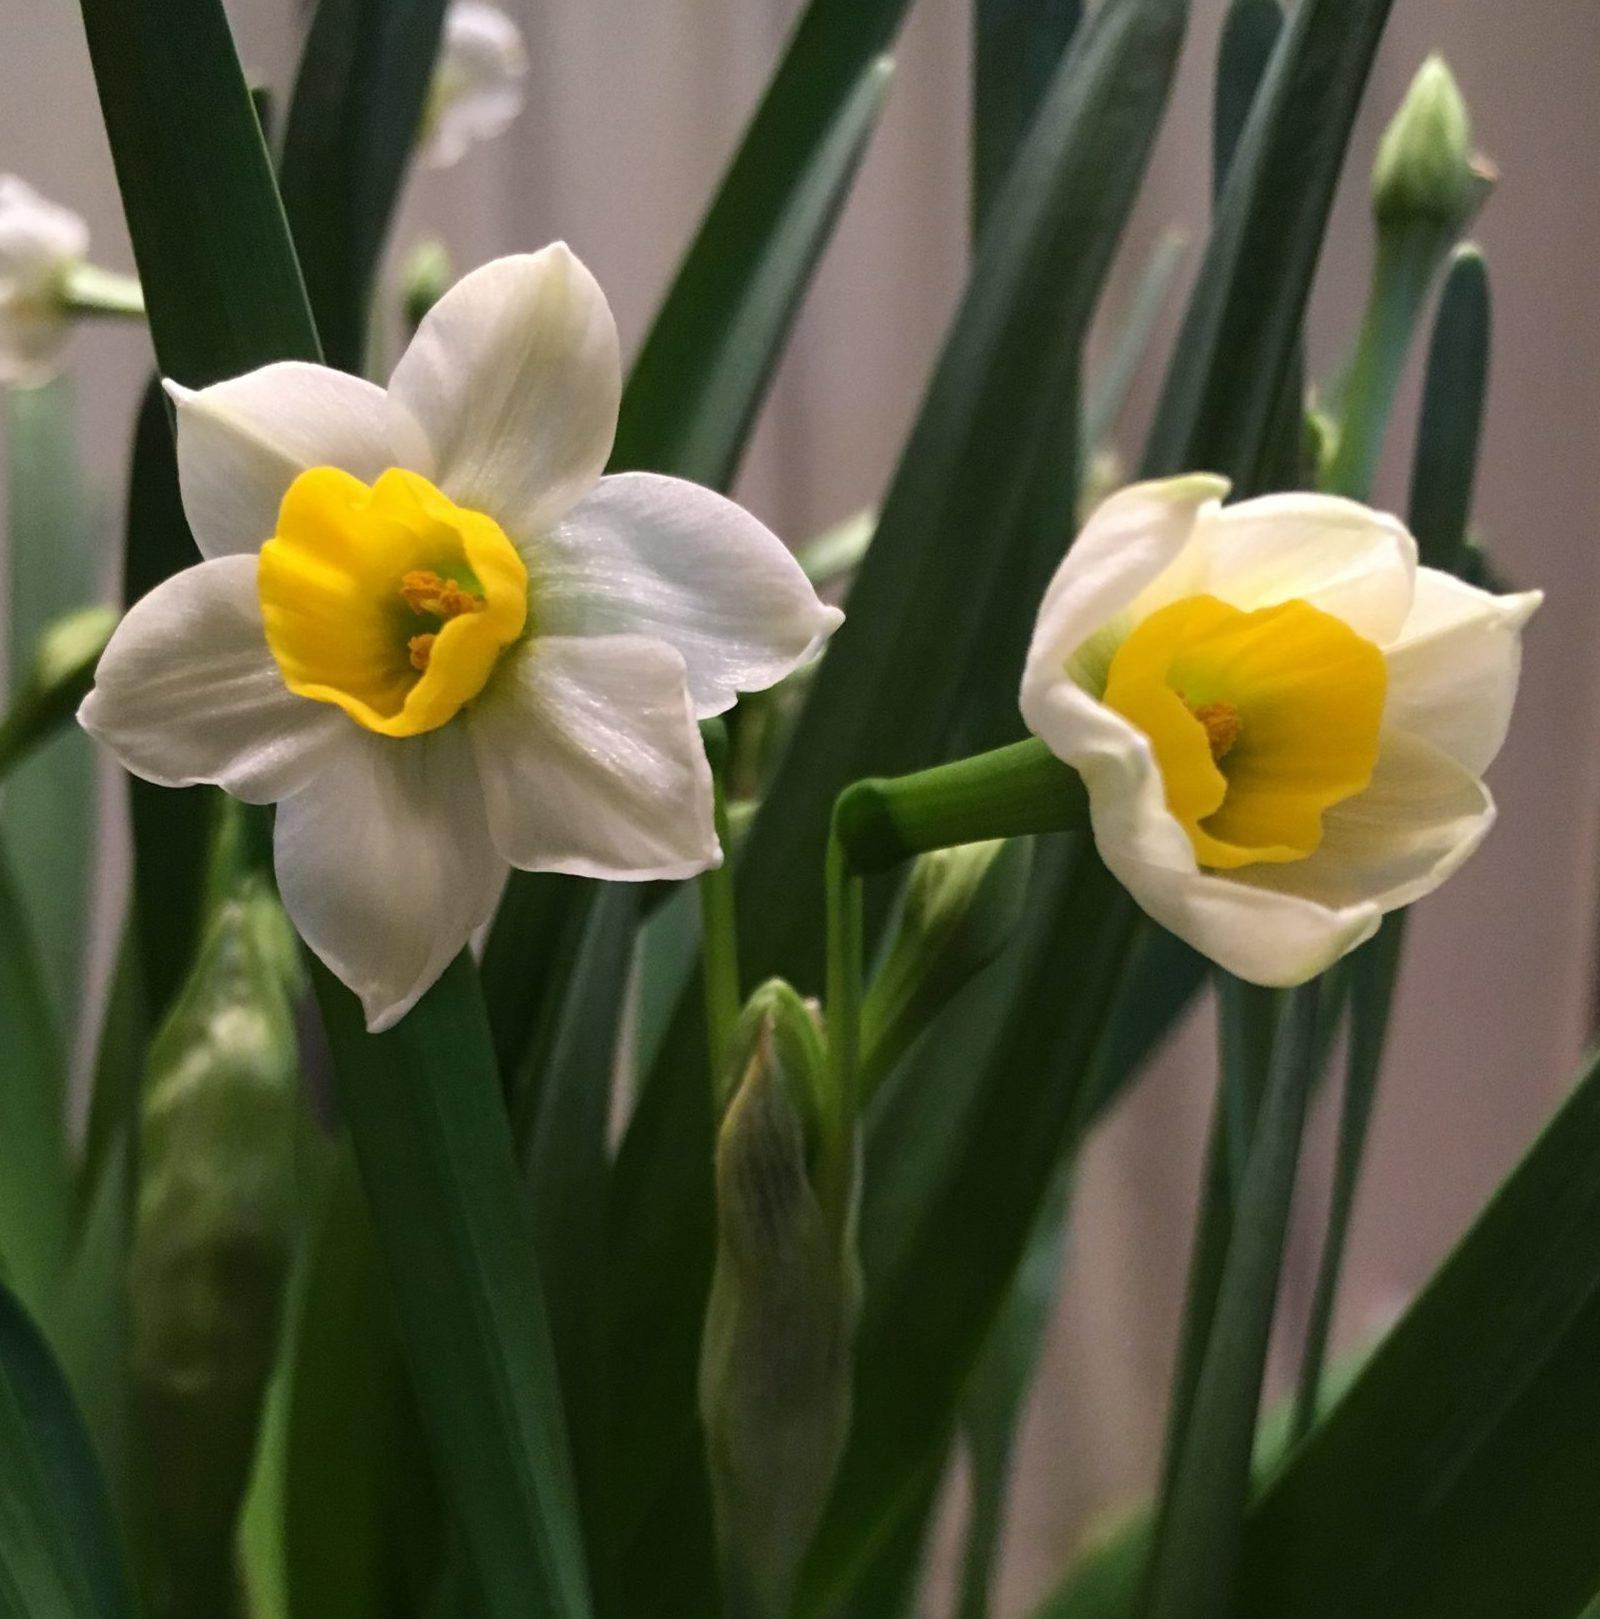 Sacred Lily, aka Narcissus tazetta